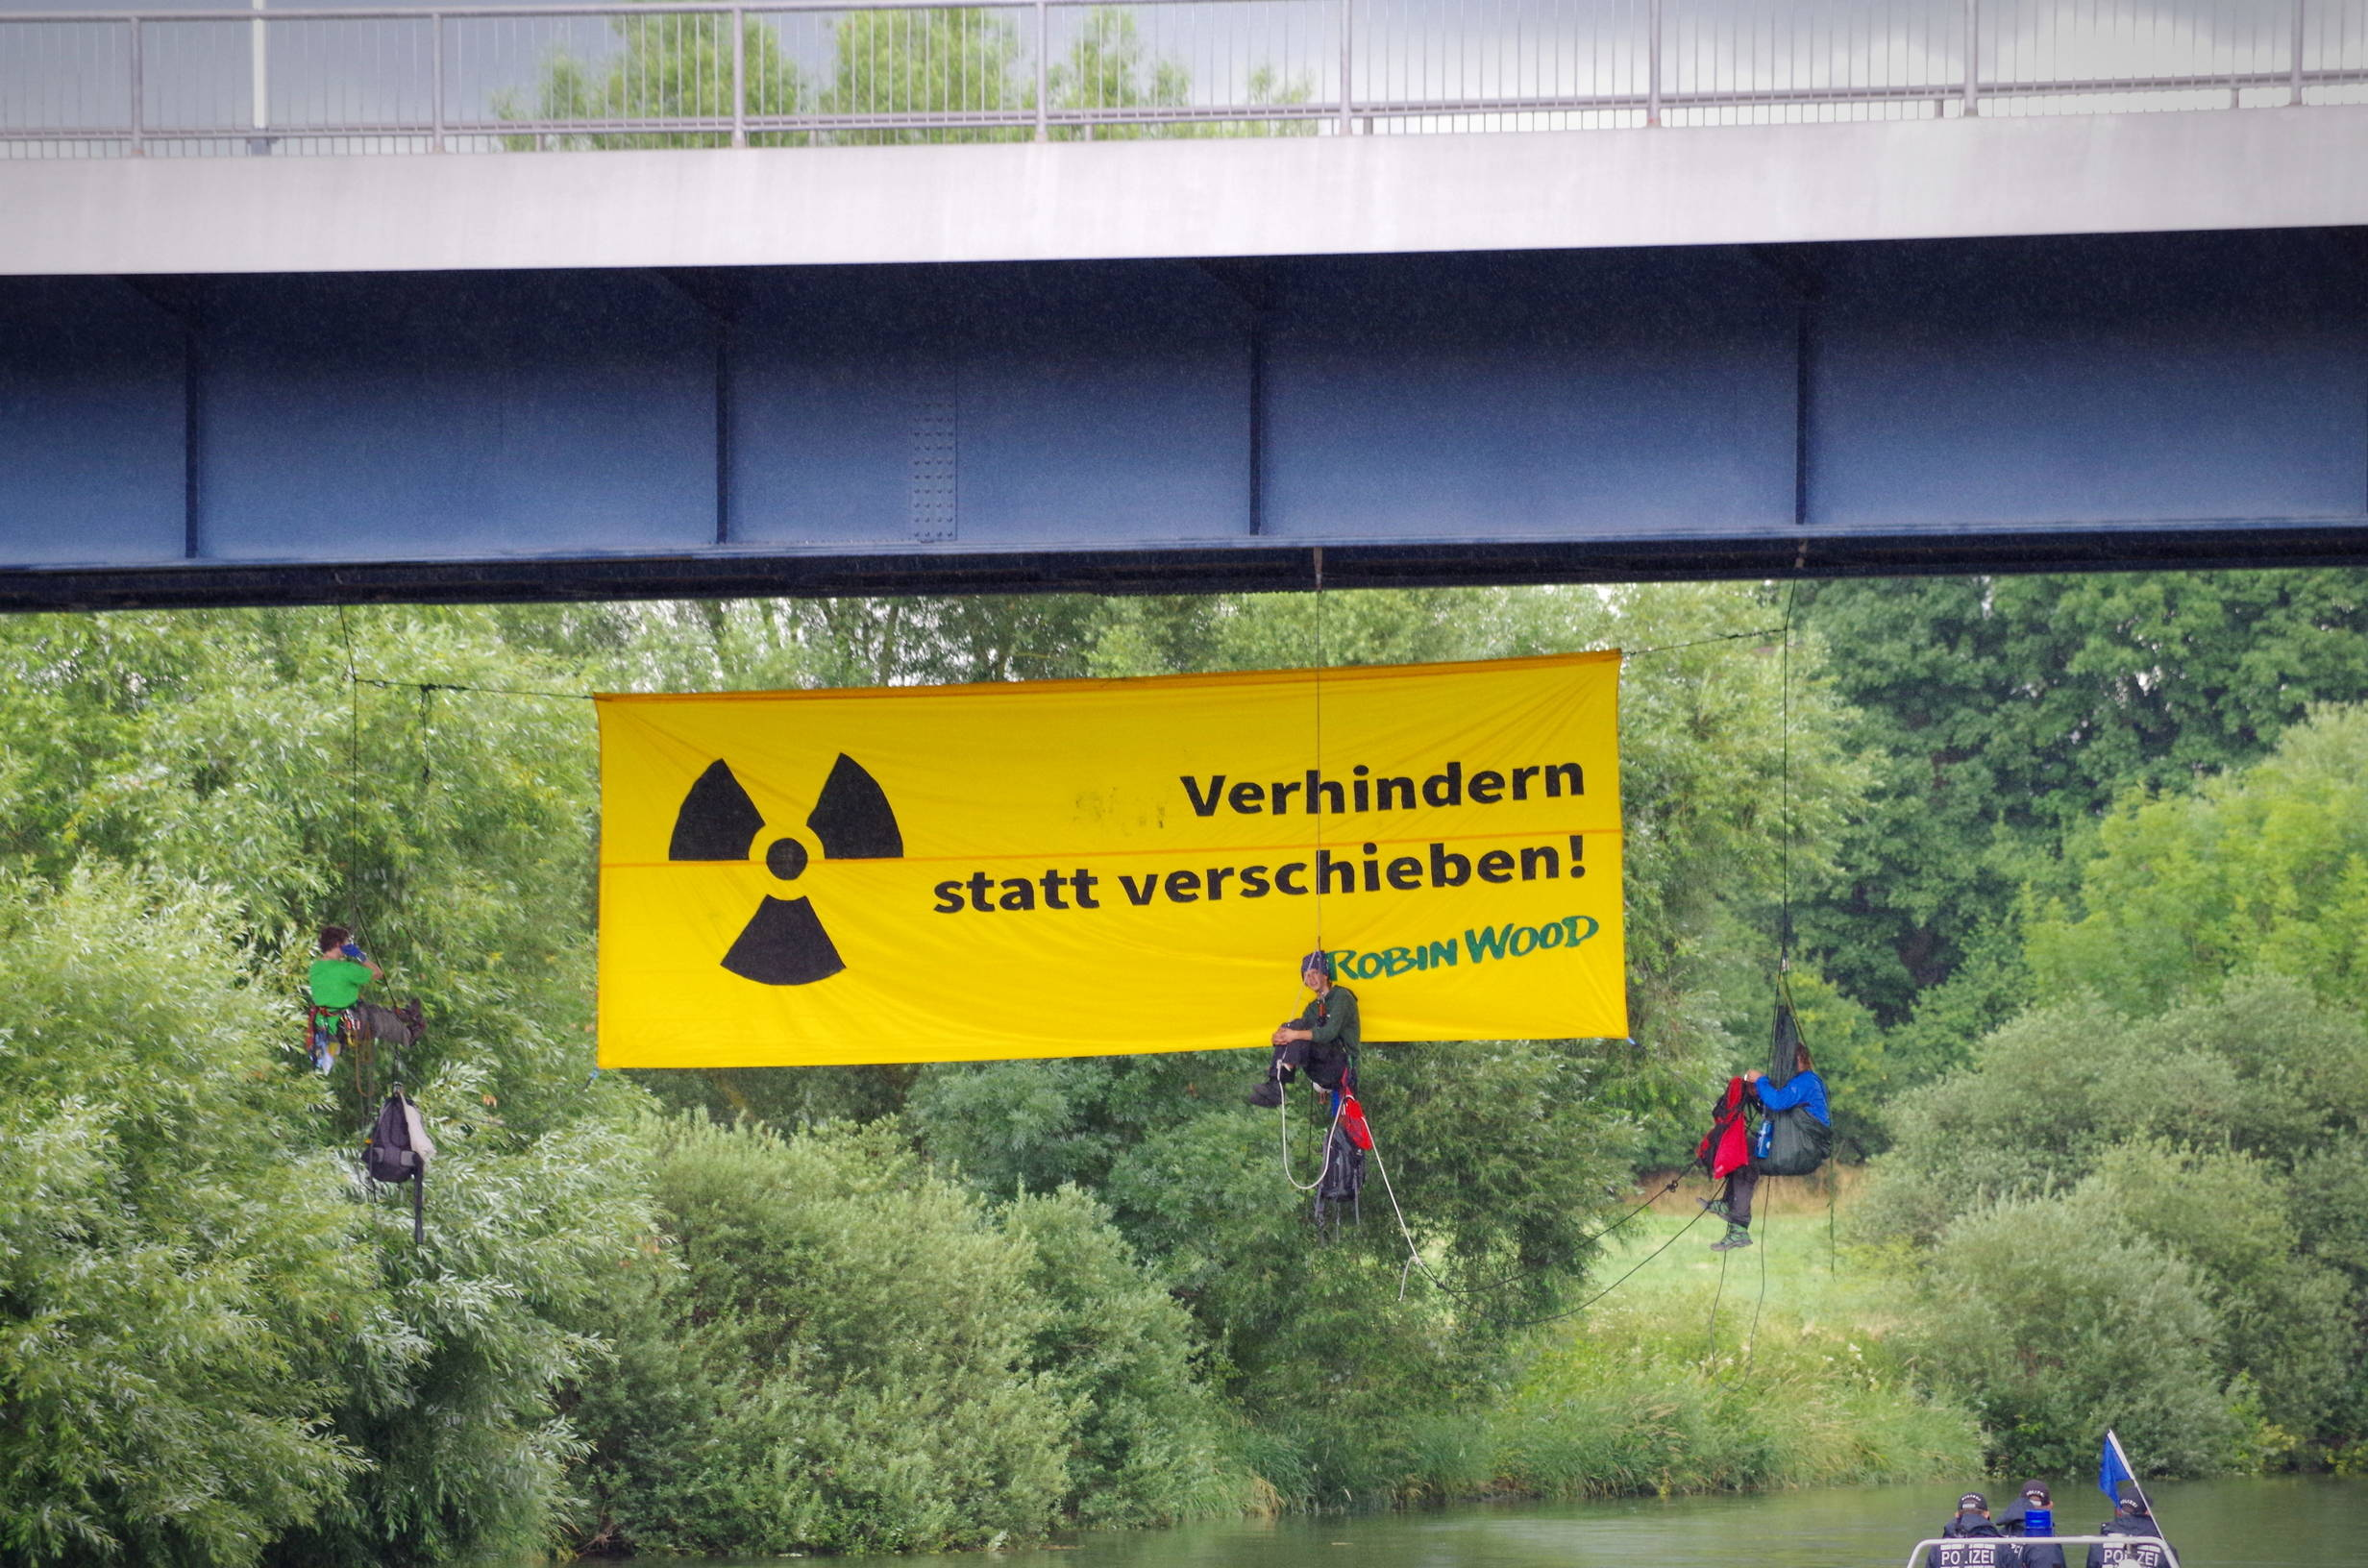 Atommüll verhindern statt verschieben